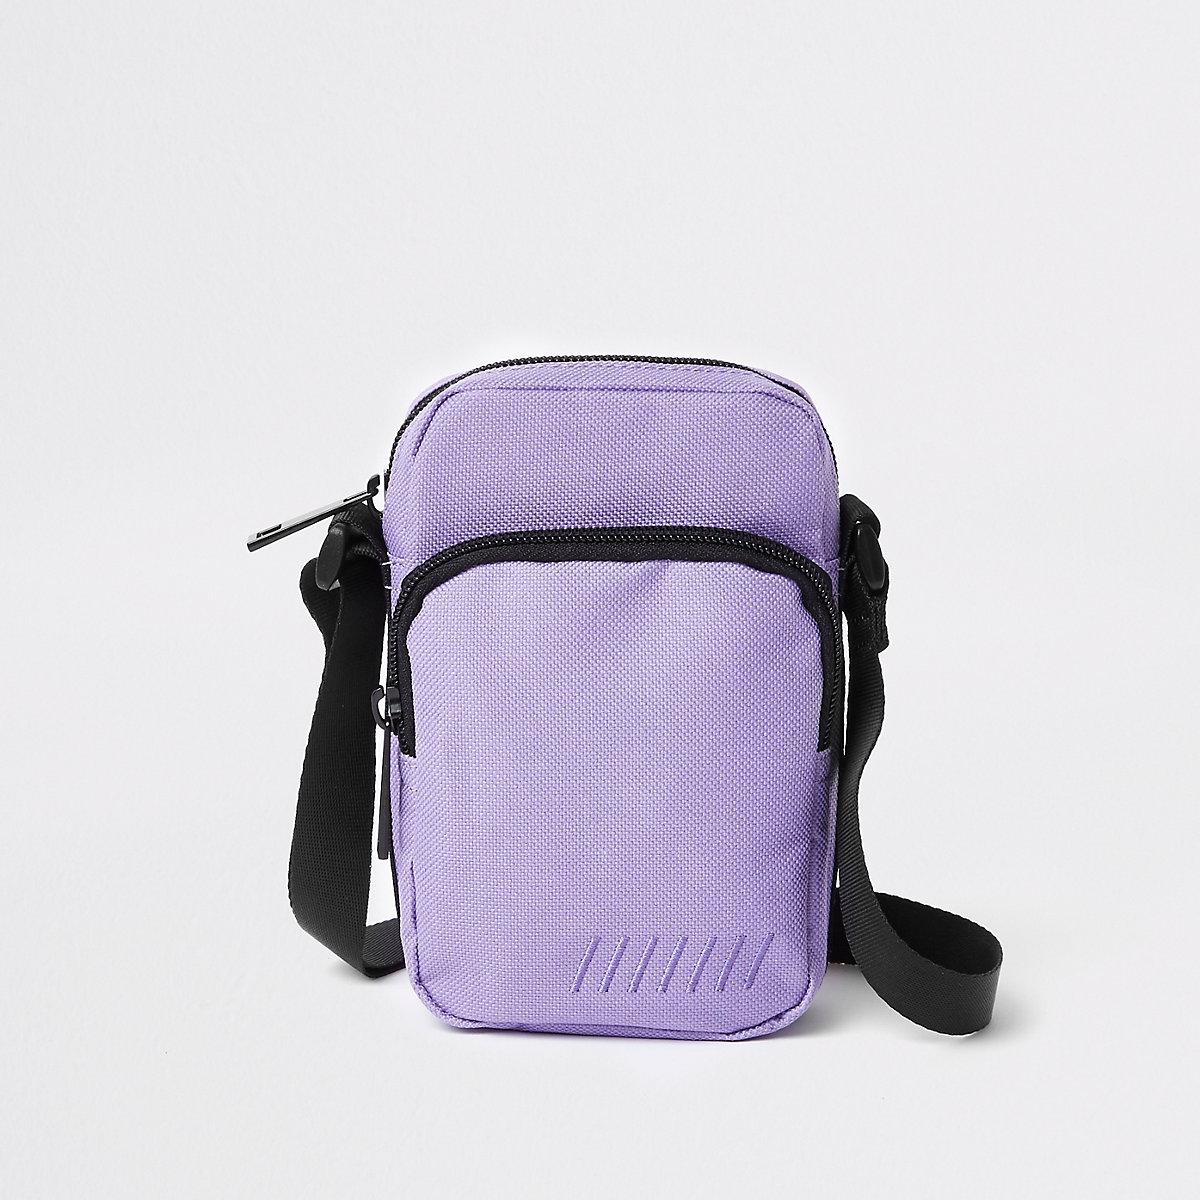 Purple mini cross body flight pouch